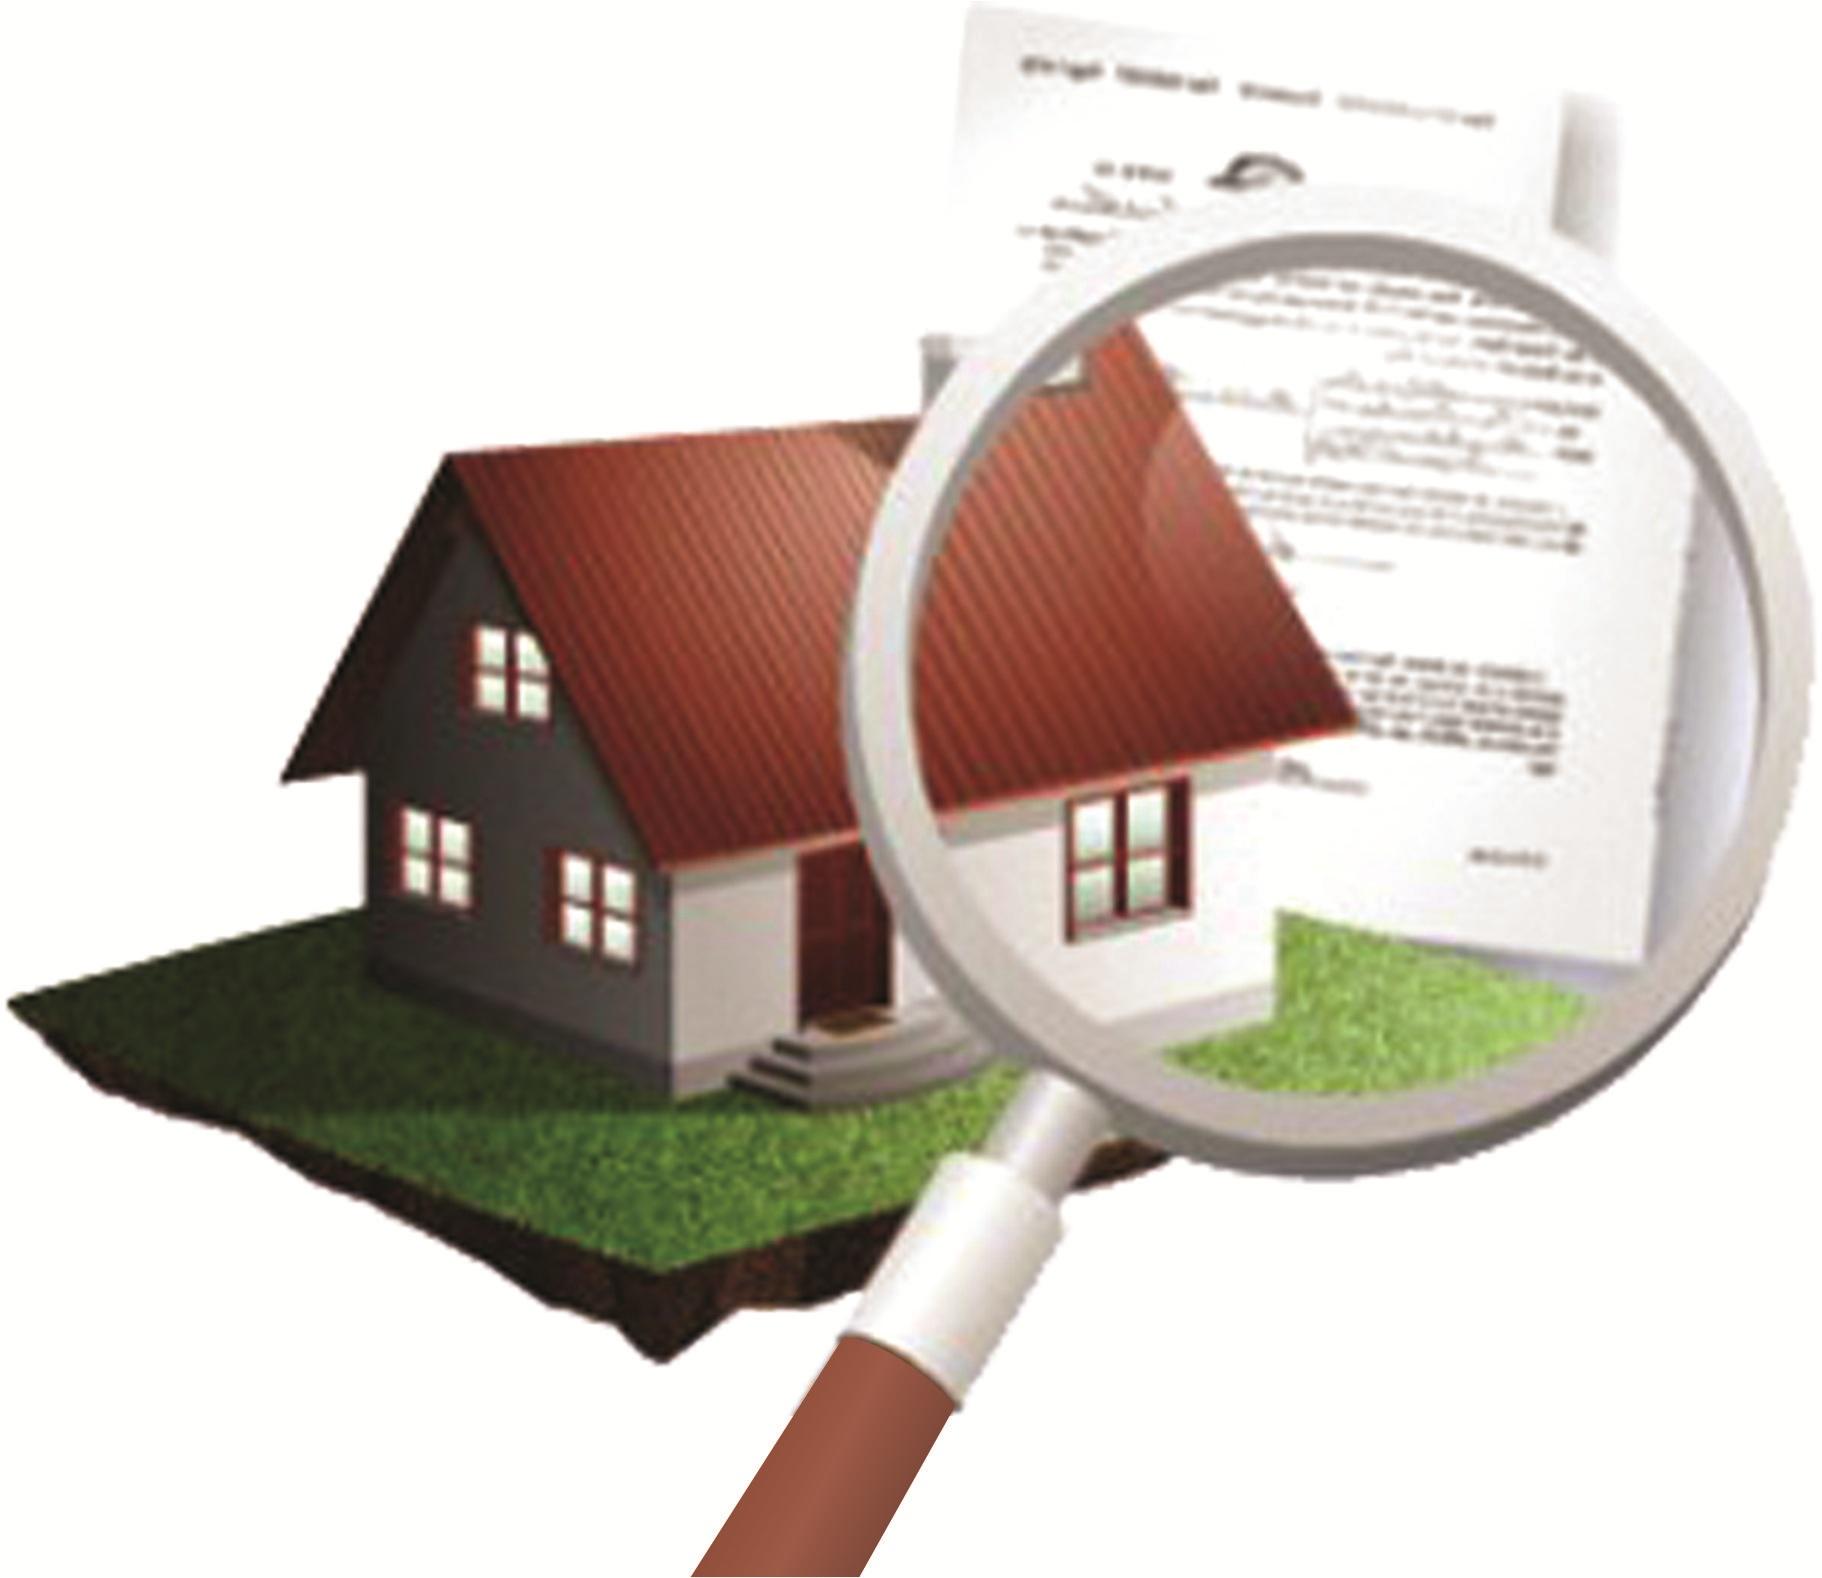 ¿El dueño paga el Avalúo al vender Casa en Tijuana?